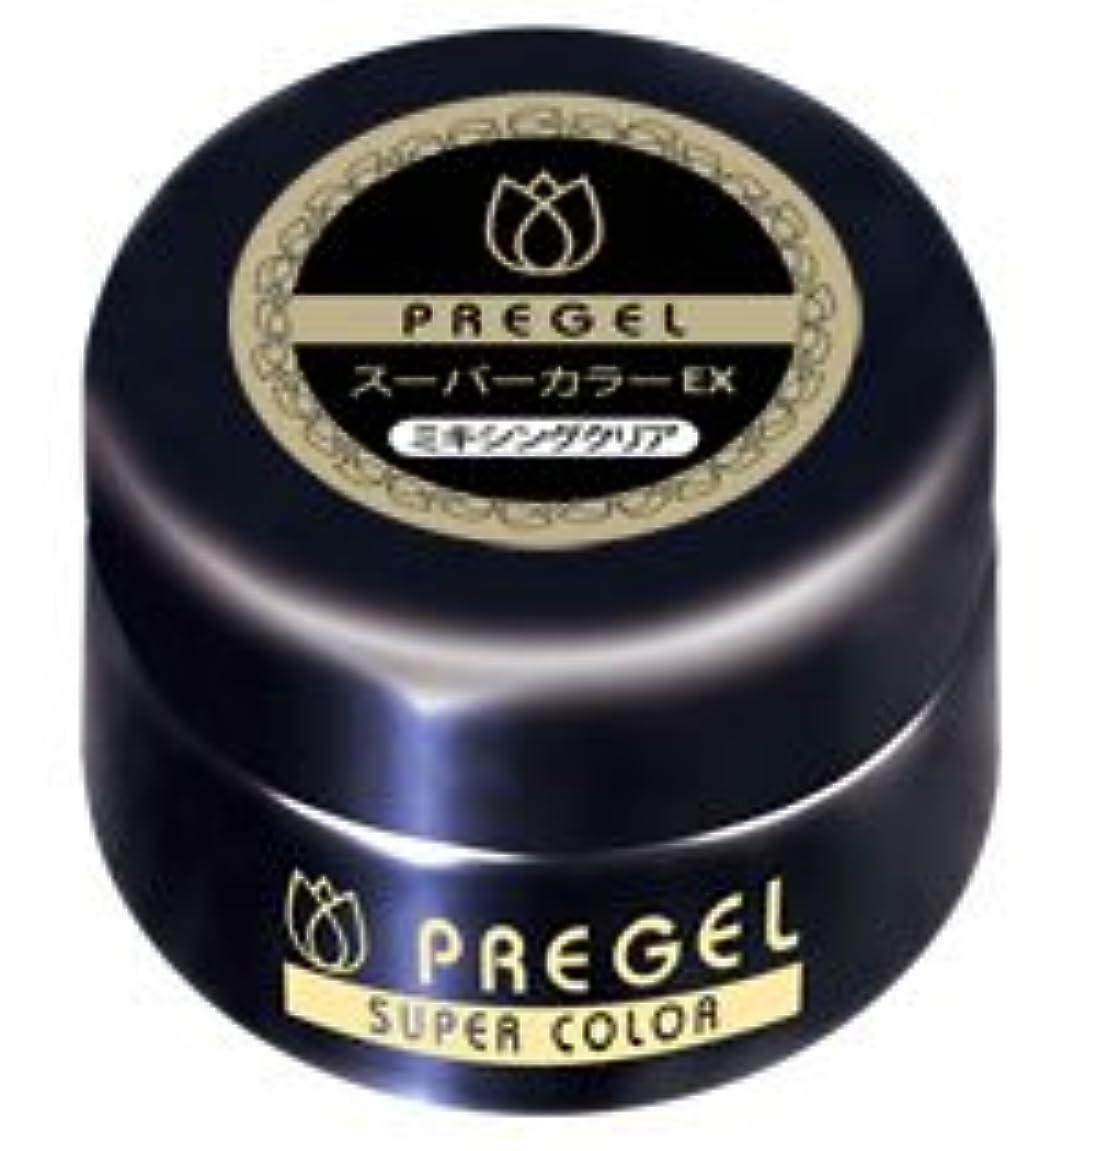 委託野球登録するPREGEL(プリジェル) スーパーカラーEx PG-SE000 <BR>ミキシングクリア 4g